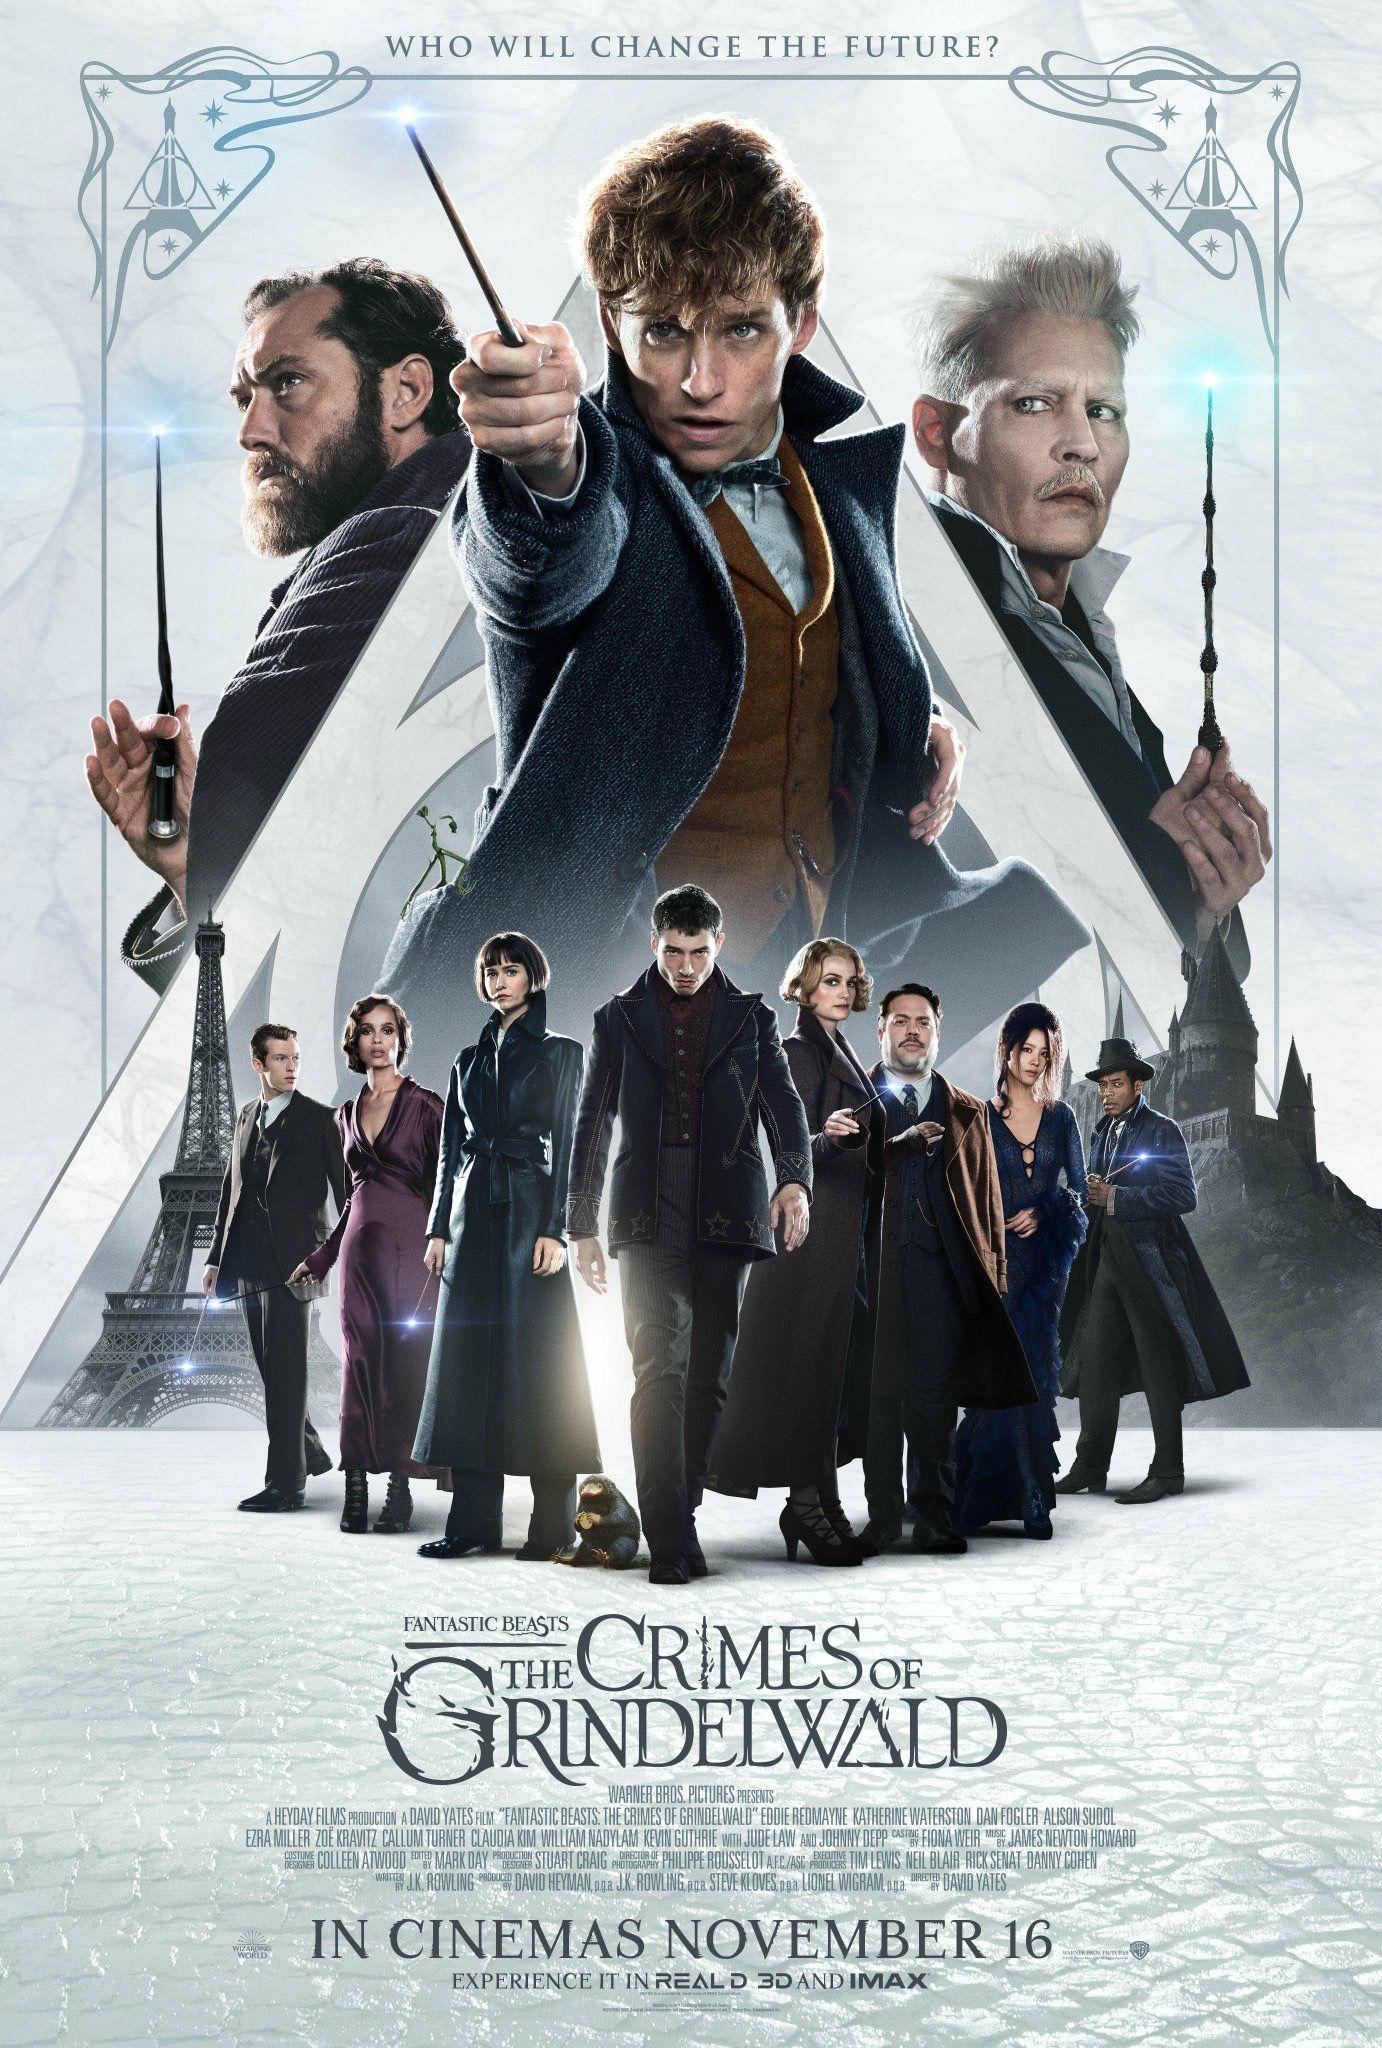 Fantastic Beasts The Crimes Of Grindelwald 2018 Fantasticbeasts